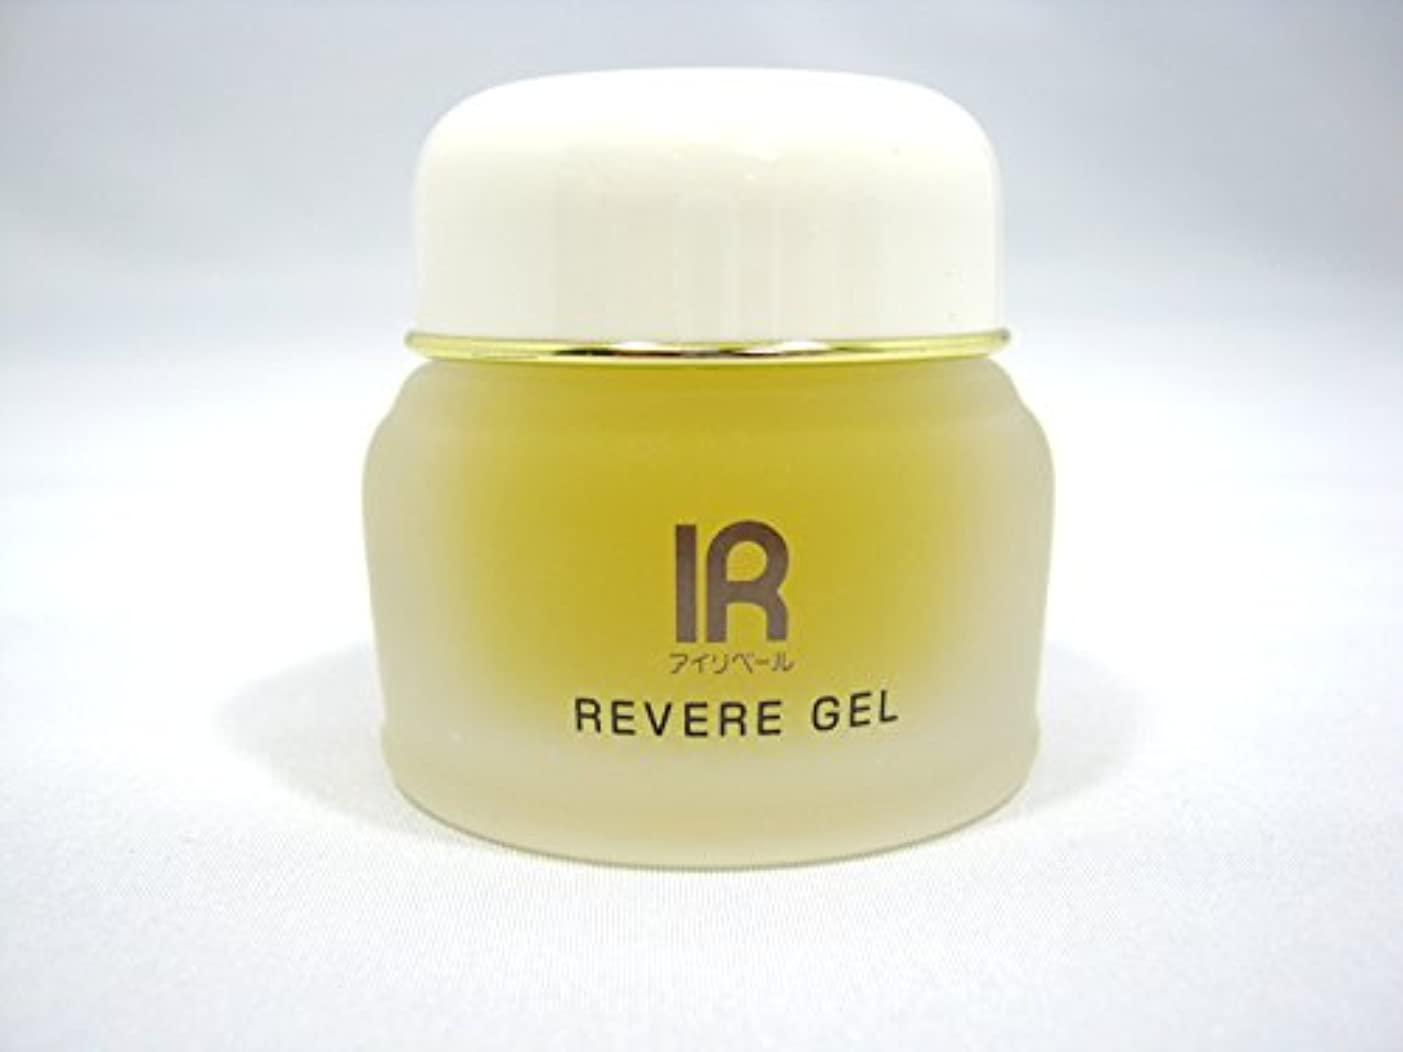 アプライアンス形容詞症状IR アイリベール化粧品 リベールジェル (シワ用クリーム) 30g